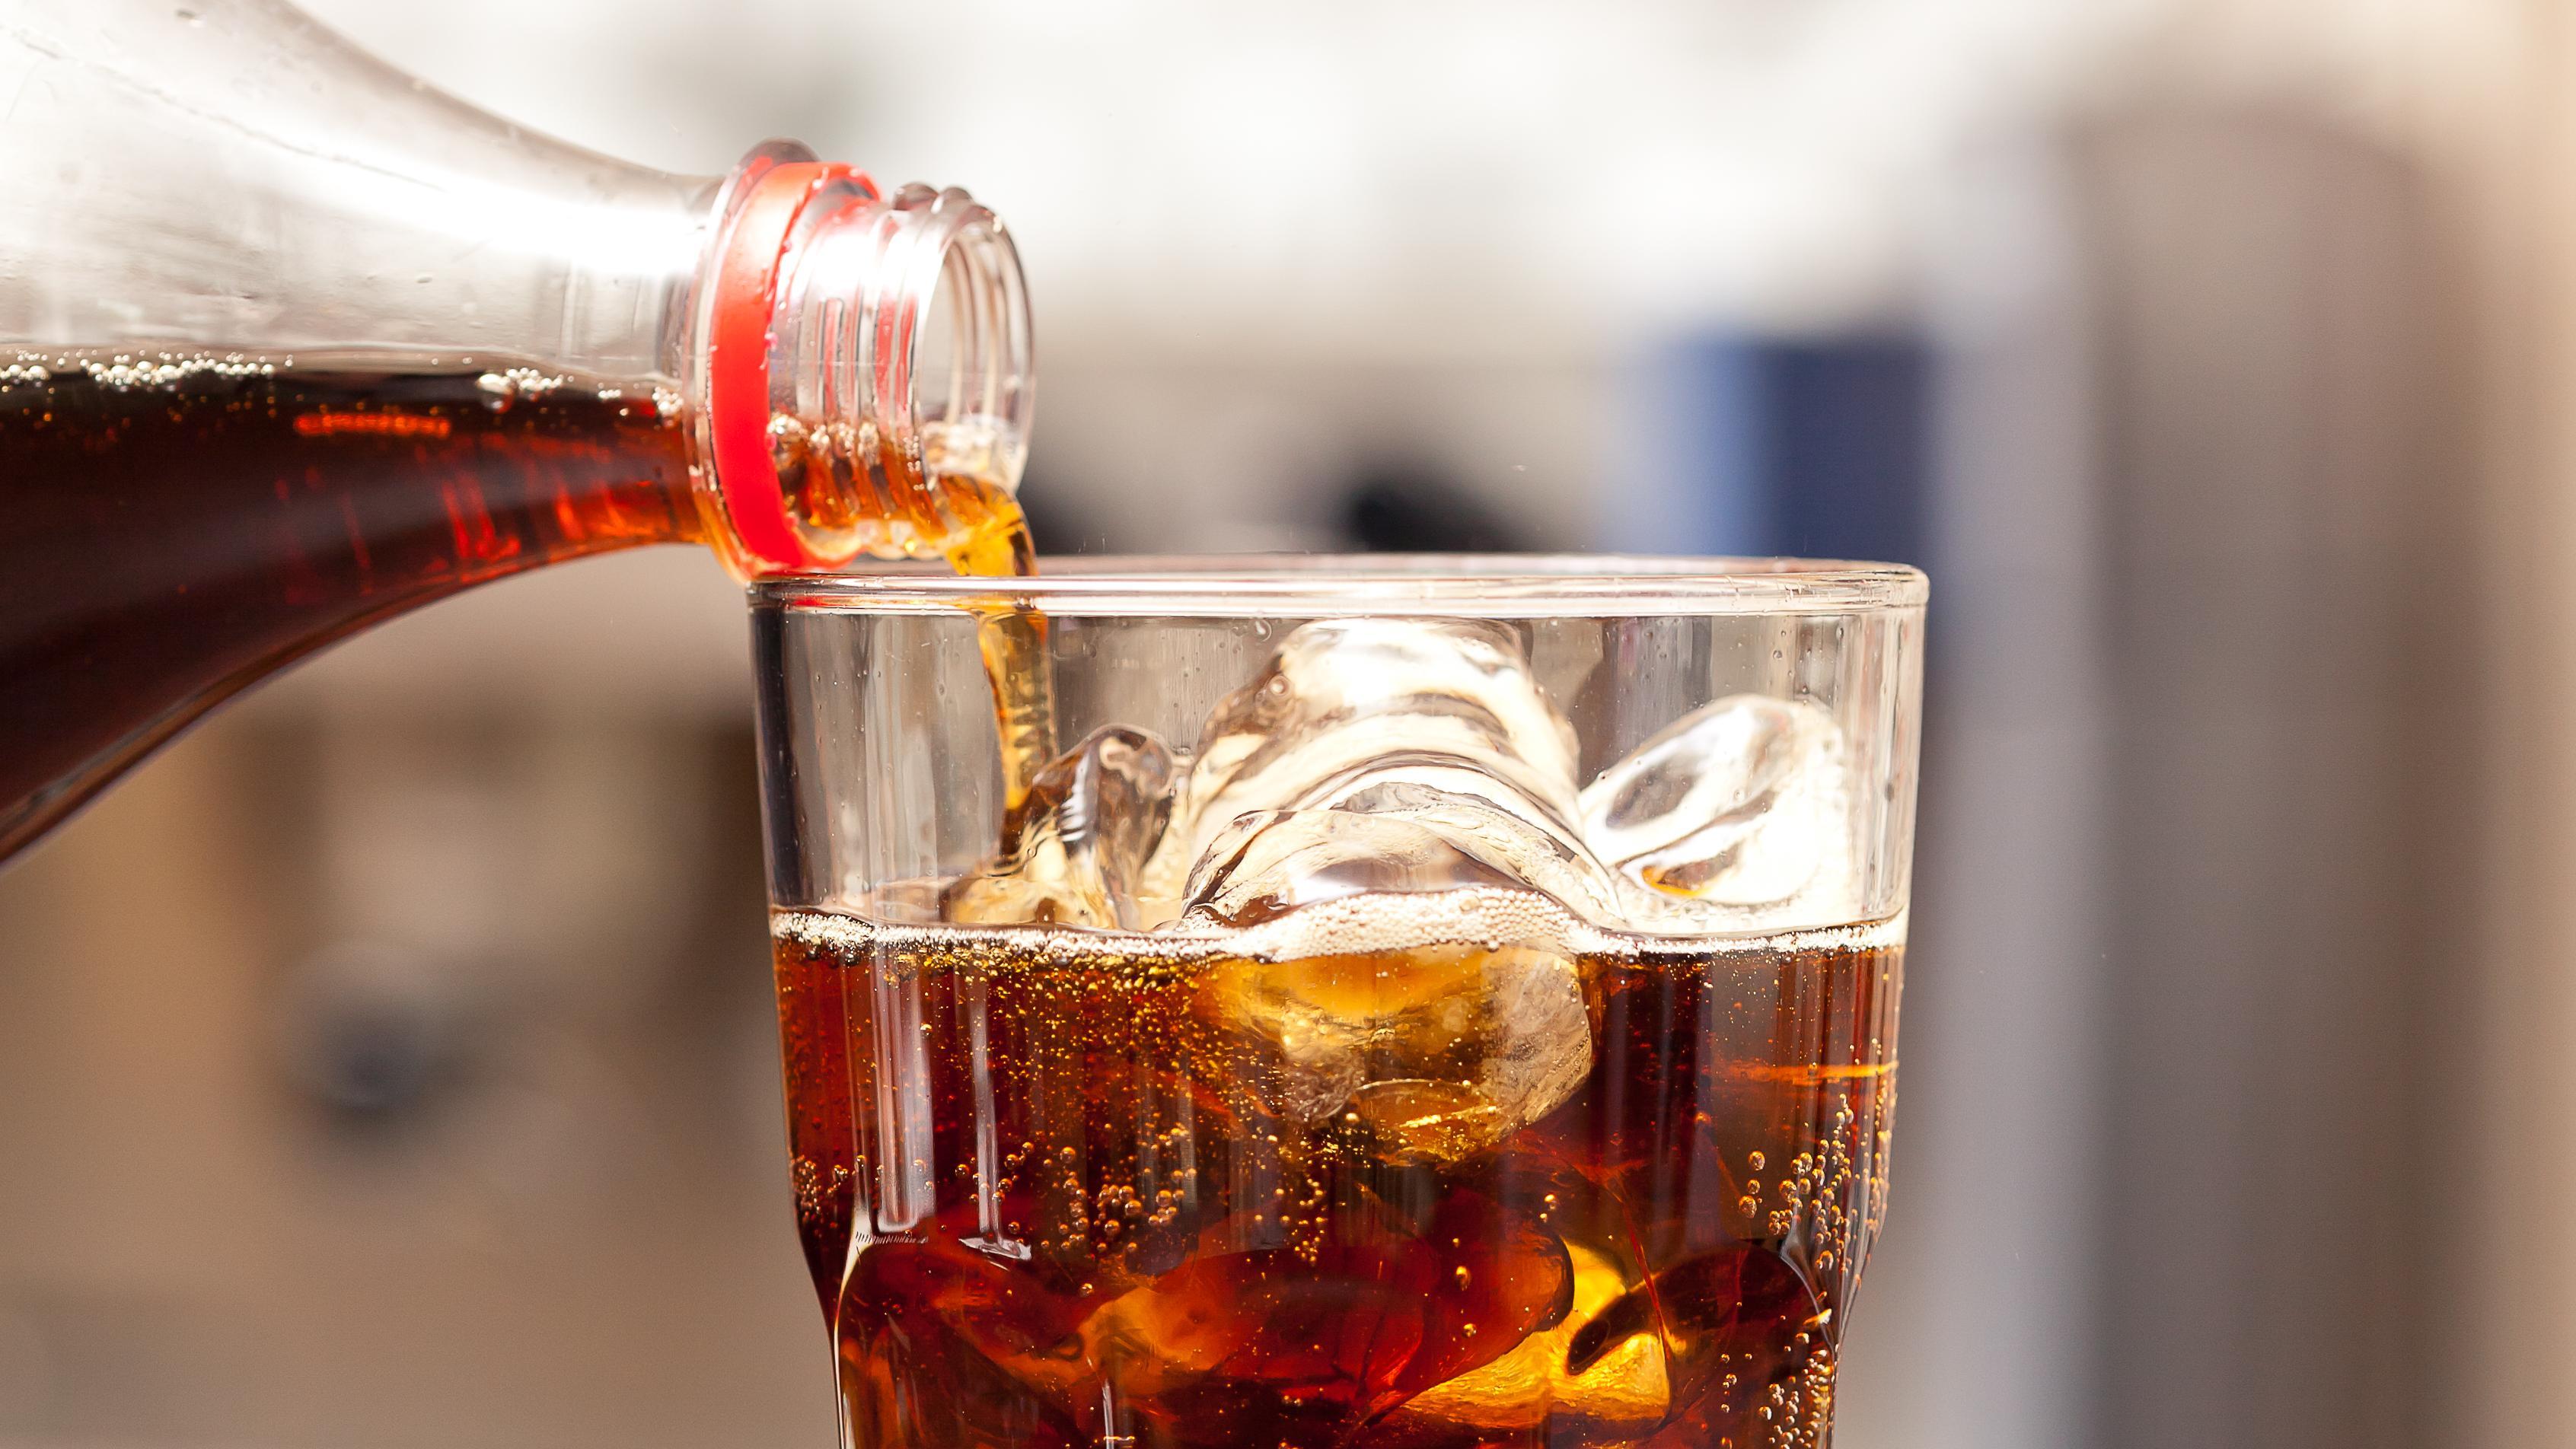 Colaflaske hælder op i glas